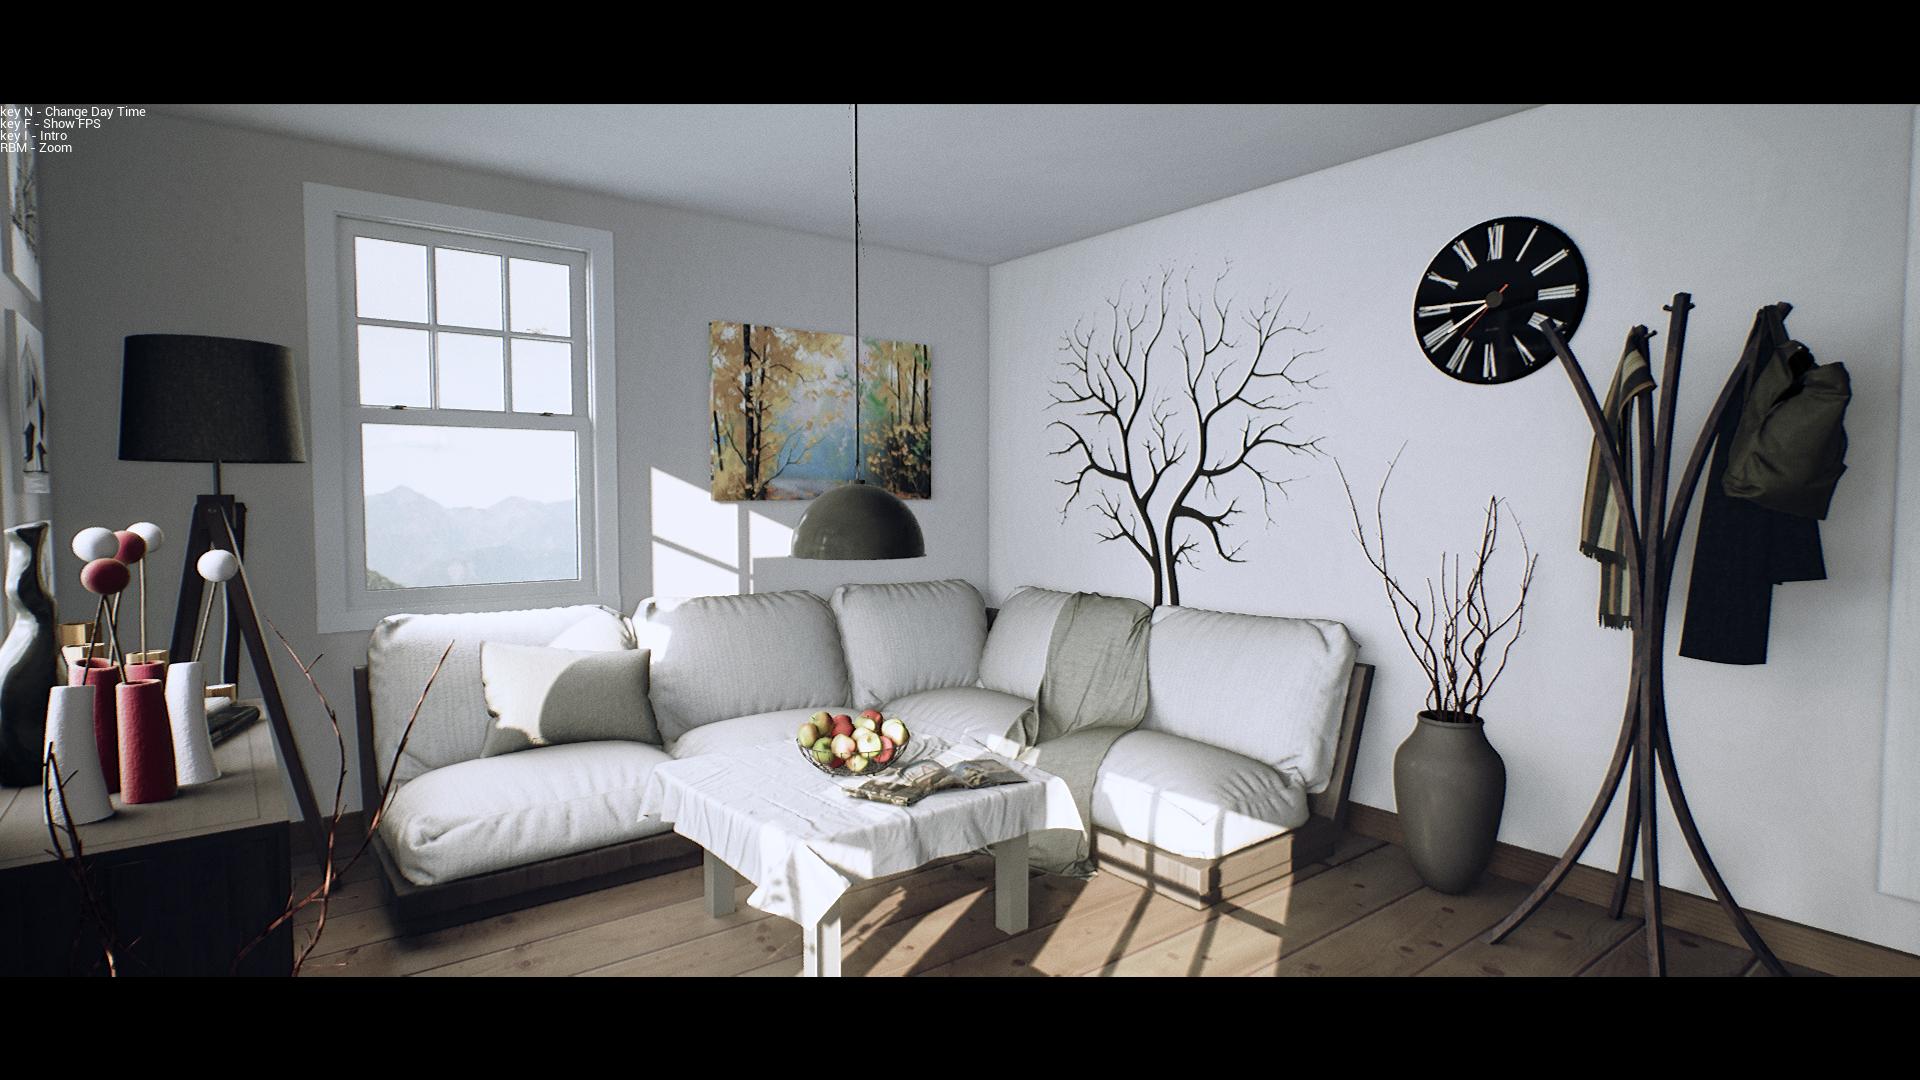 Hintergrundbilder : Zimmer, Innenarchitektur, Unreal Engine 4 ...